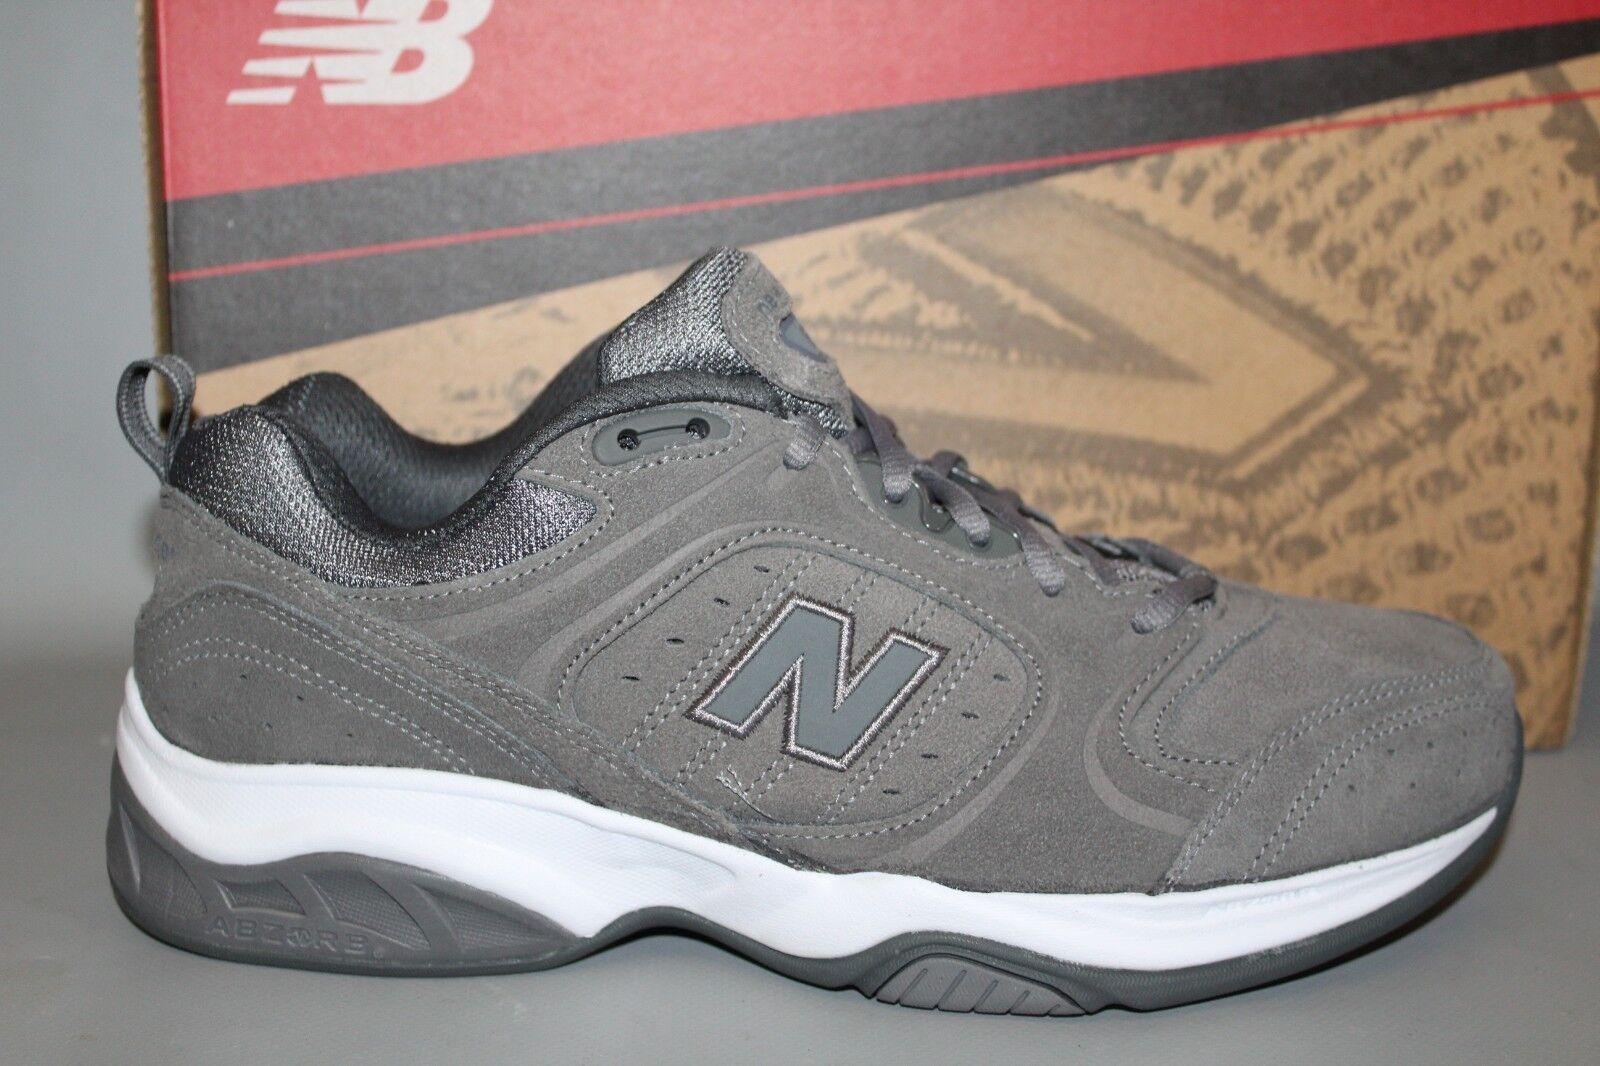 Nuevo Para hombres Cuero gris MX623GS, New Balance Zapatos Atléticos